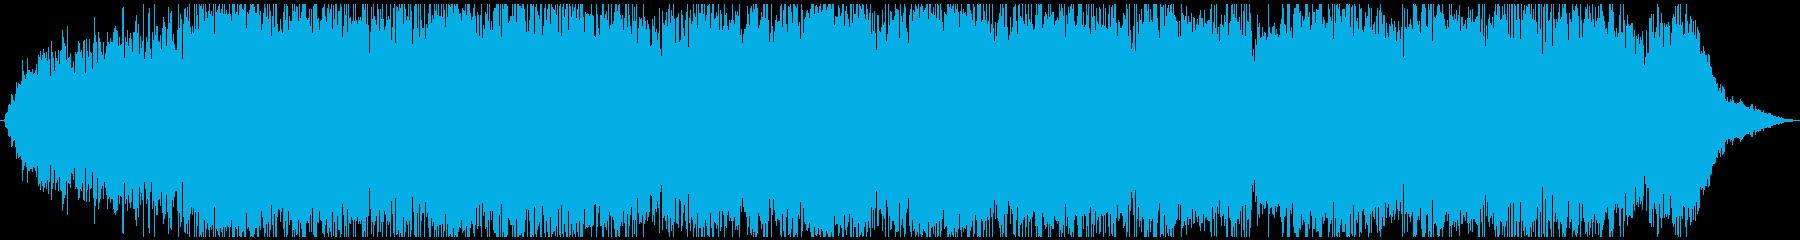 ドローン ゆがんだウォブル01の再生済みの波形